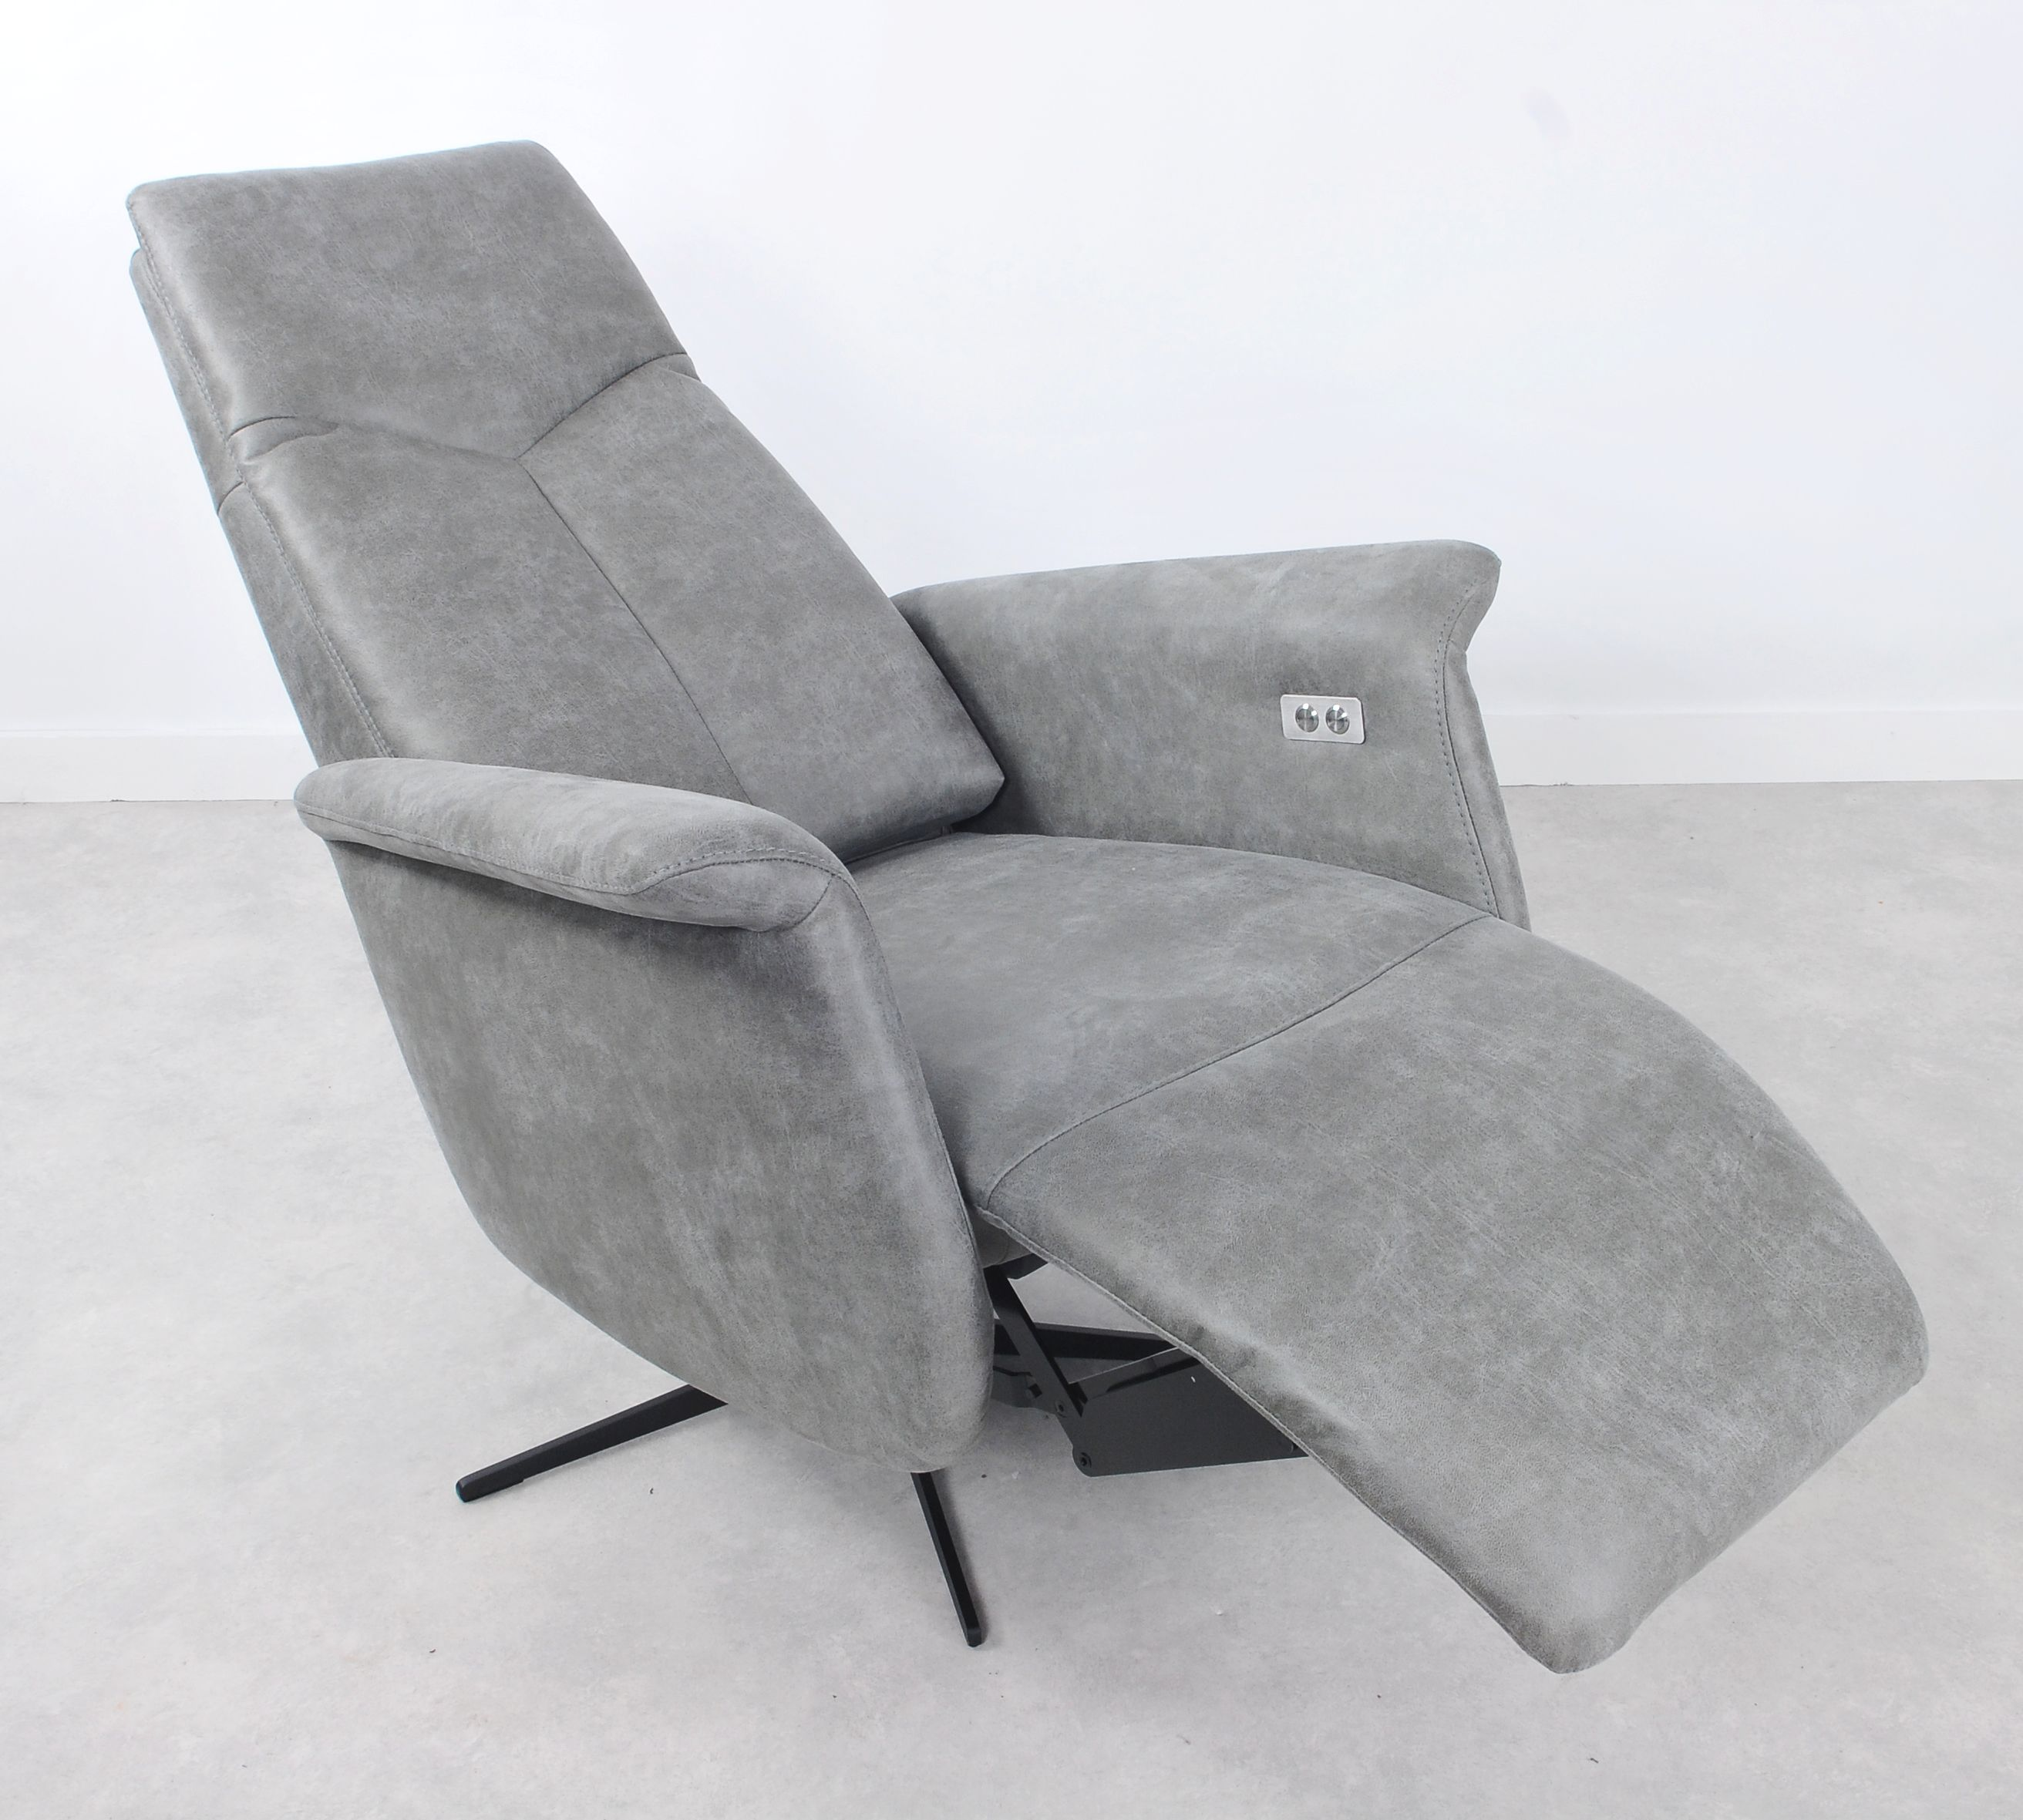 Riser recliner chair Bergen